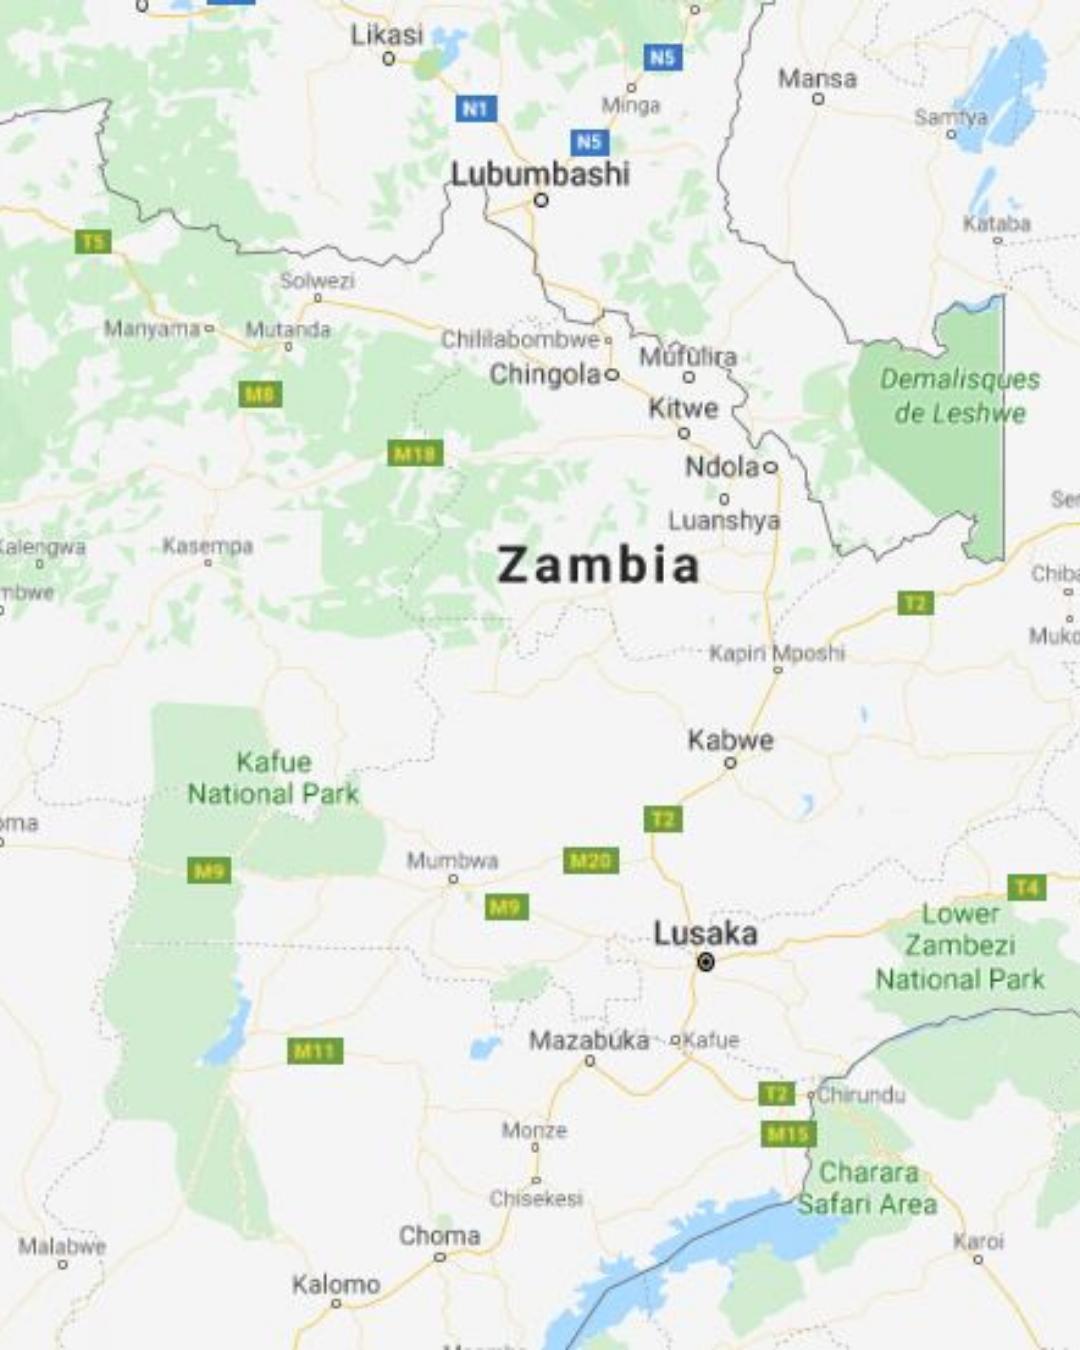 Fly to Lusaka Zambia